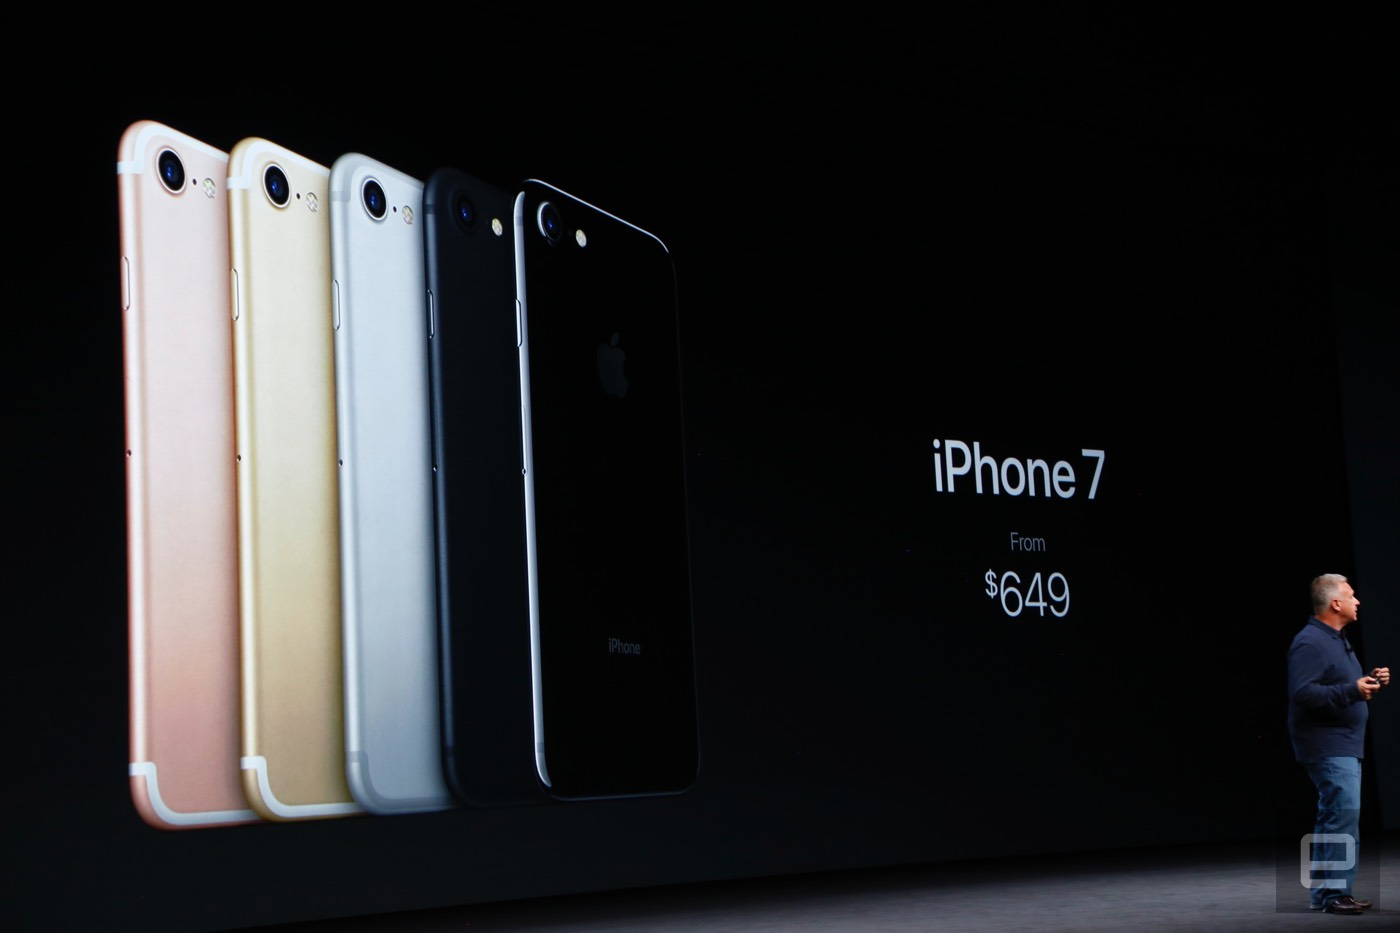 NTTドコモ、iPhone 7/ iPhone 7 Plusの予約を9月9日午後4時1分から開始すると発表!iD・dカードがApple pay対応に